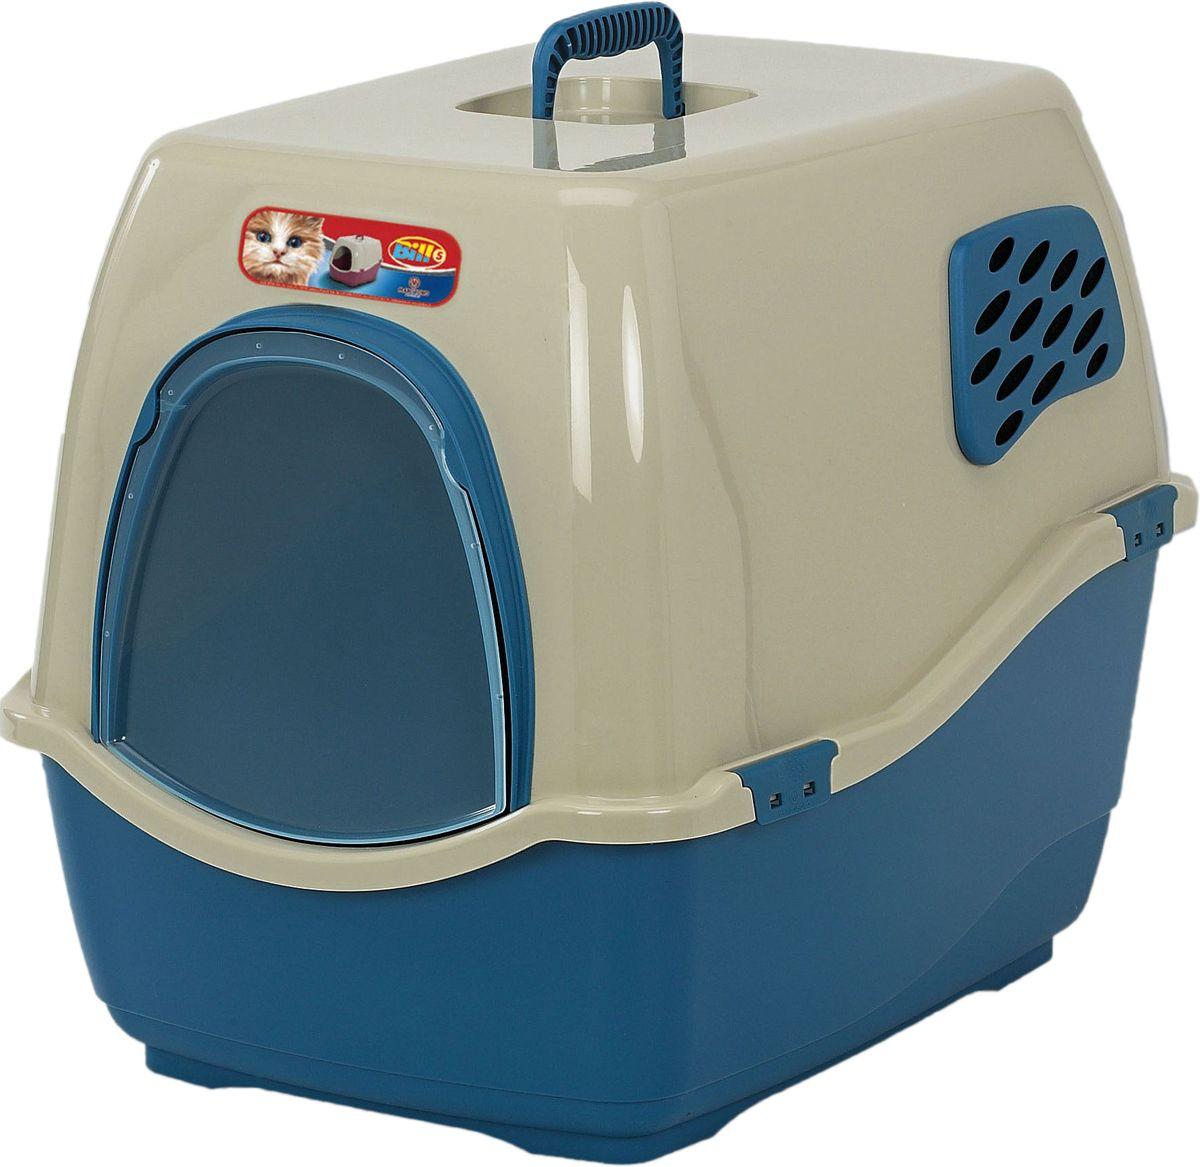 Био-туалет для кошек Marchioro Bill 1F, цвет: синий, бежевый, 50 х 40 х 42 см цена